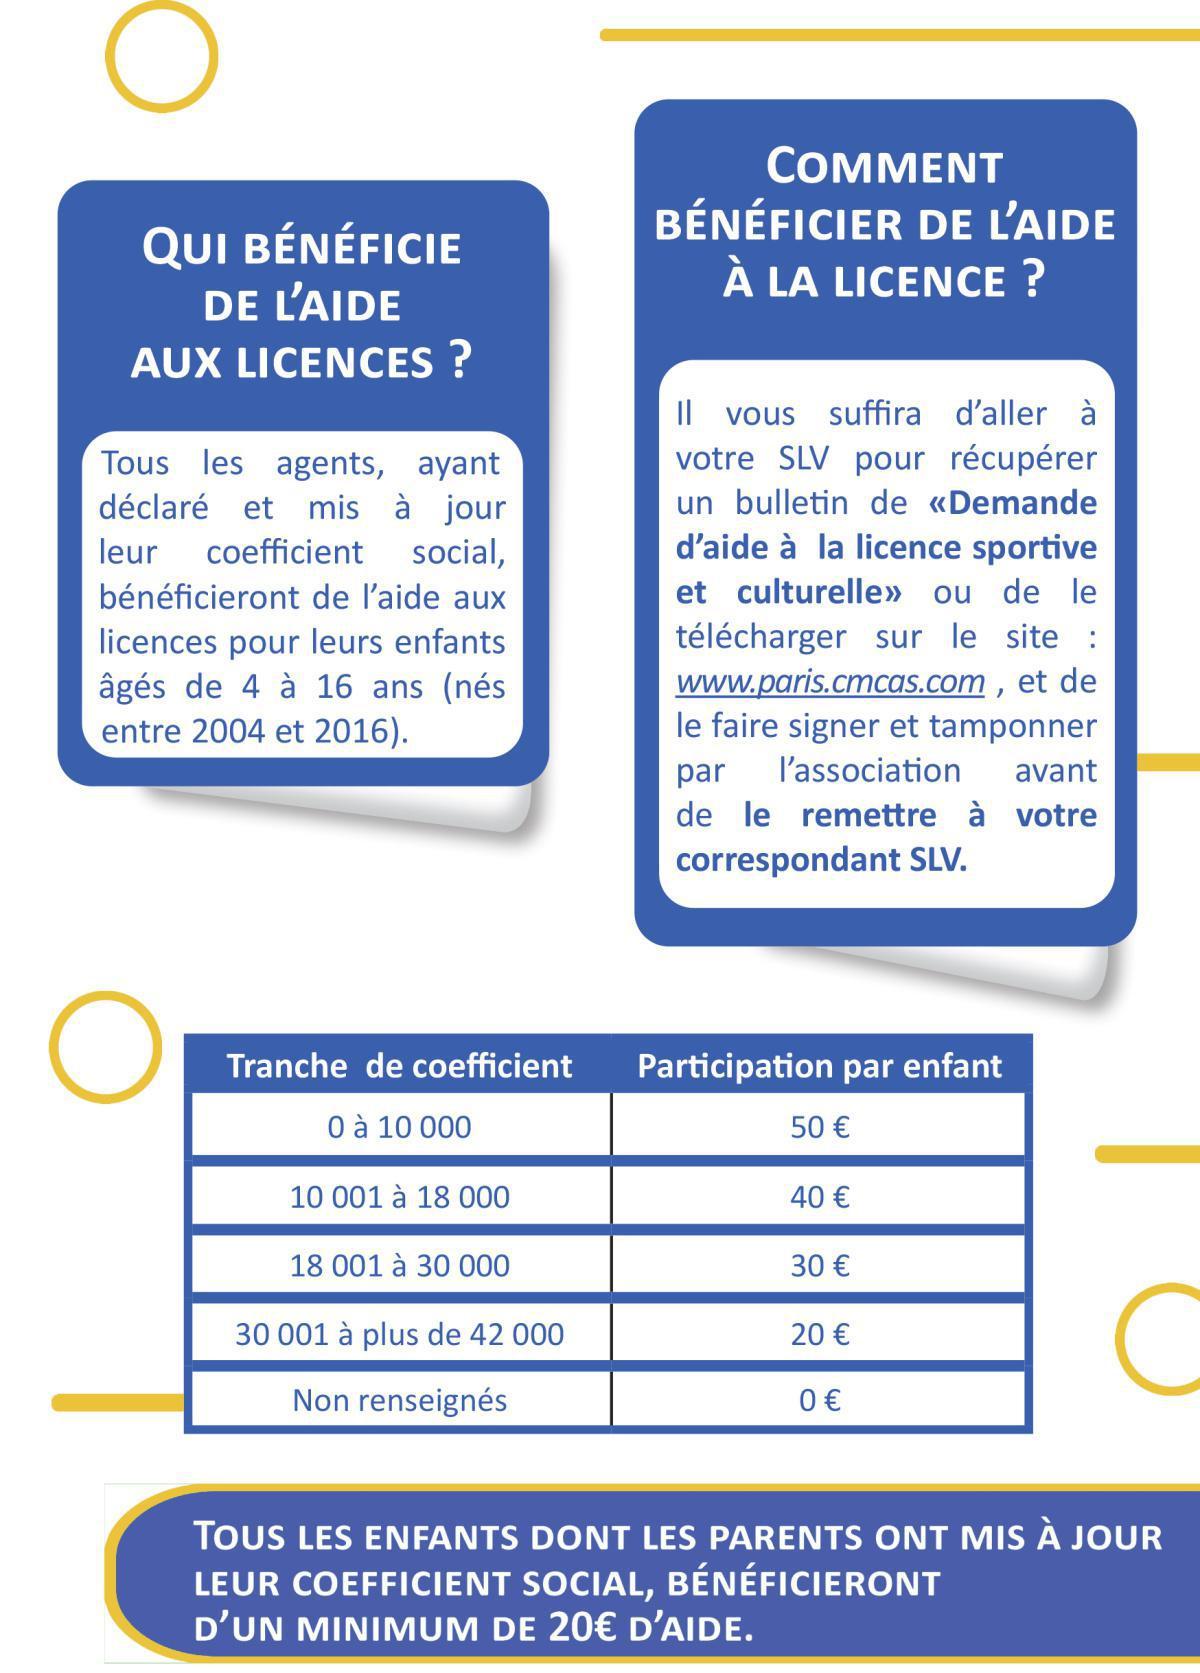 Aide aux licences sportive et culturelle - Prolongation jusqu'au 18 janvier 2021